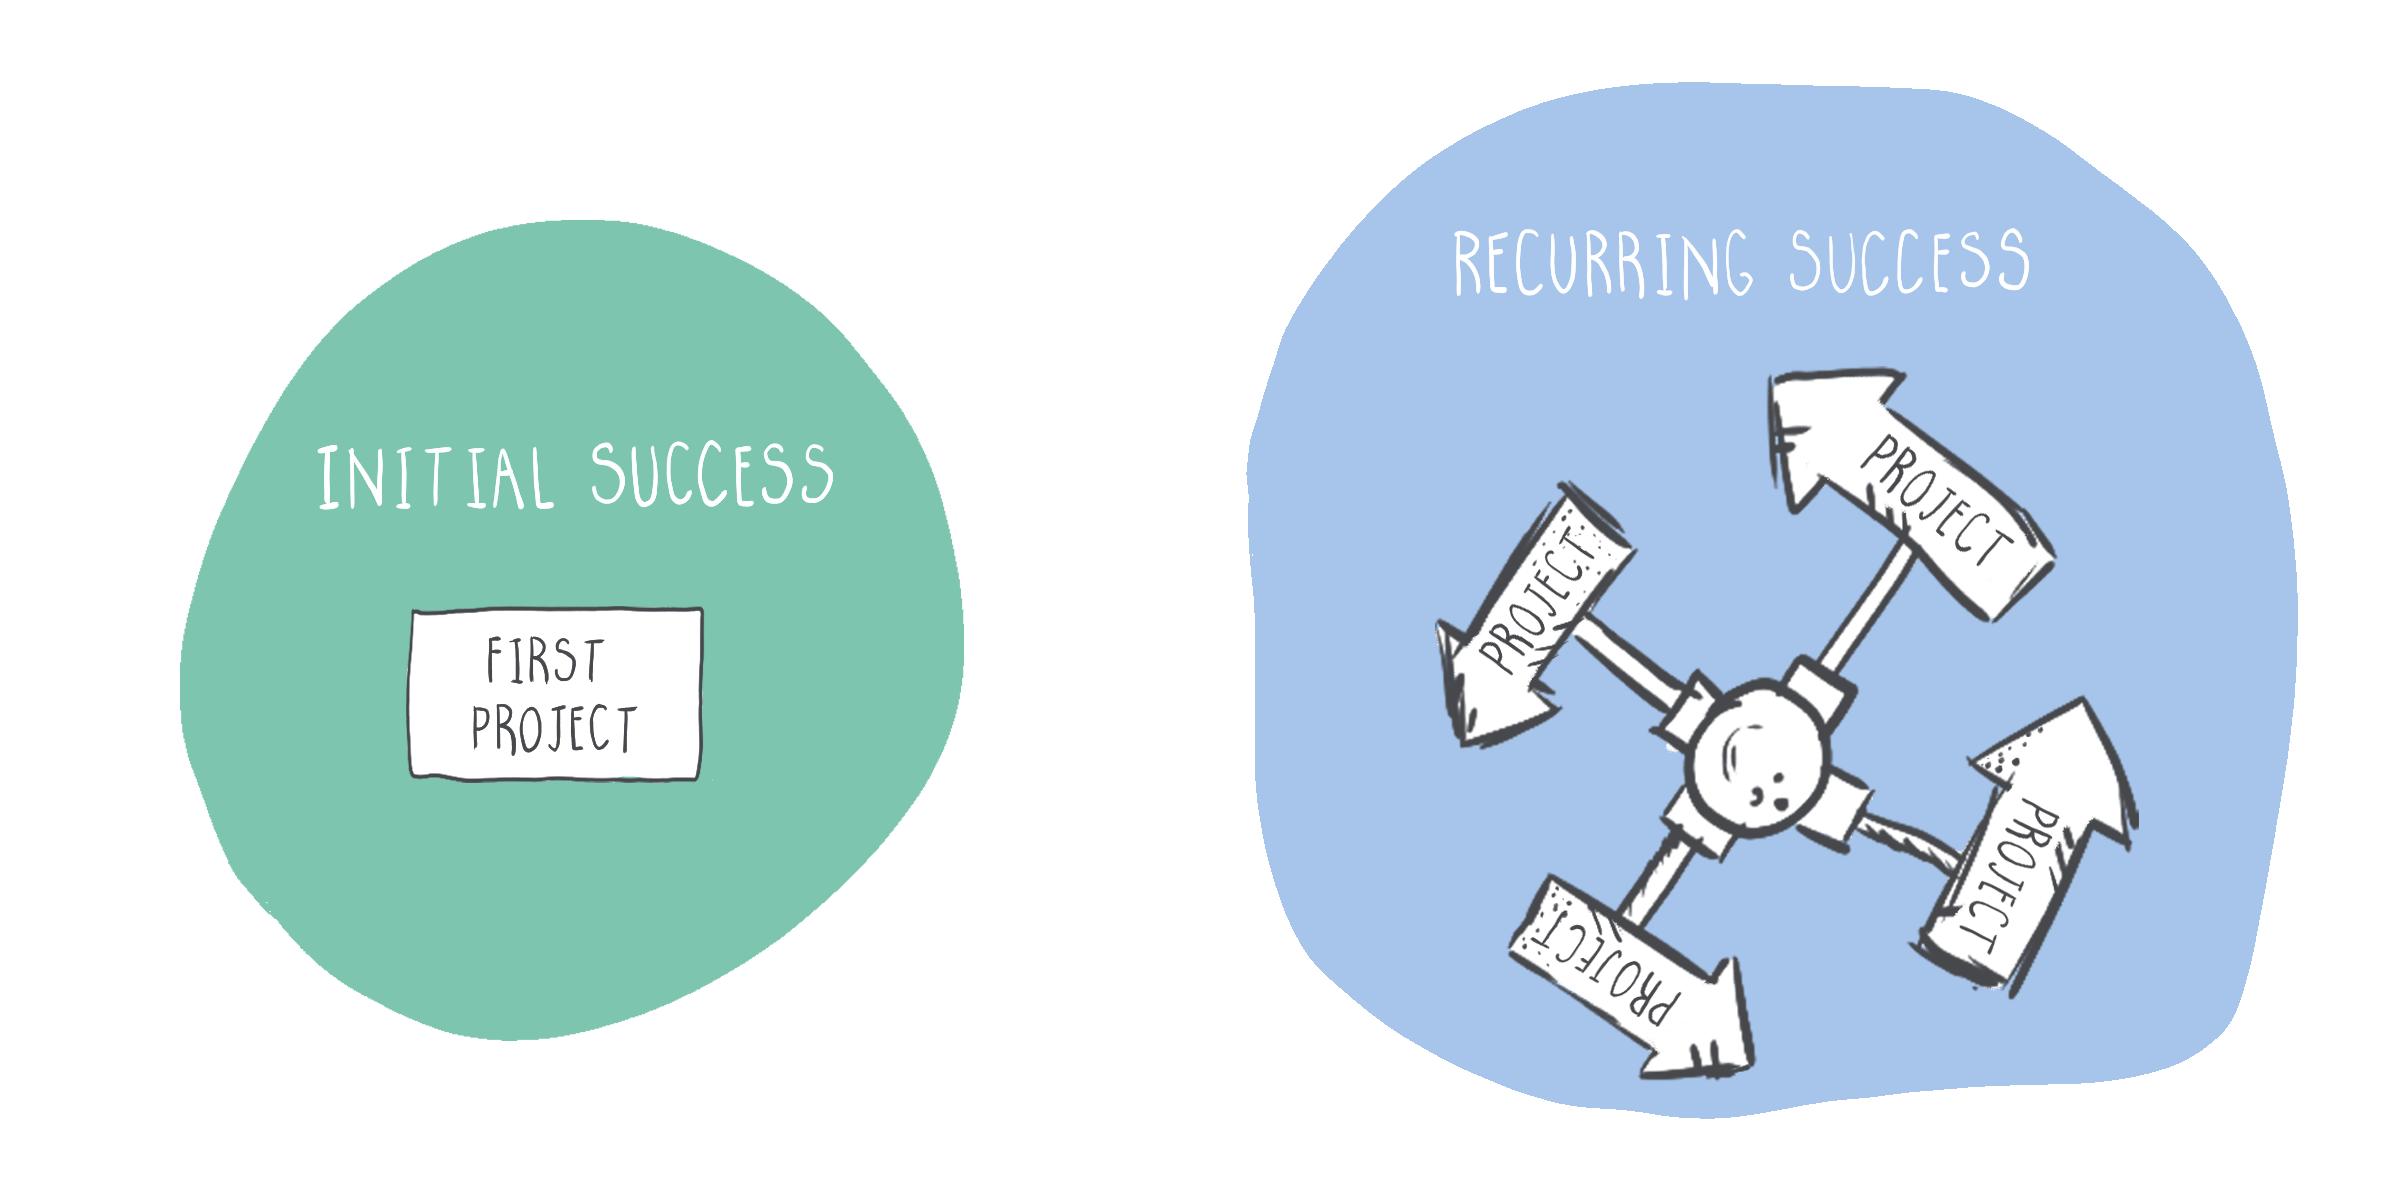 saas-initial-success-recurring-success